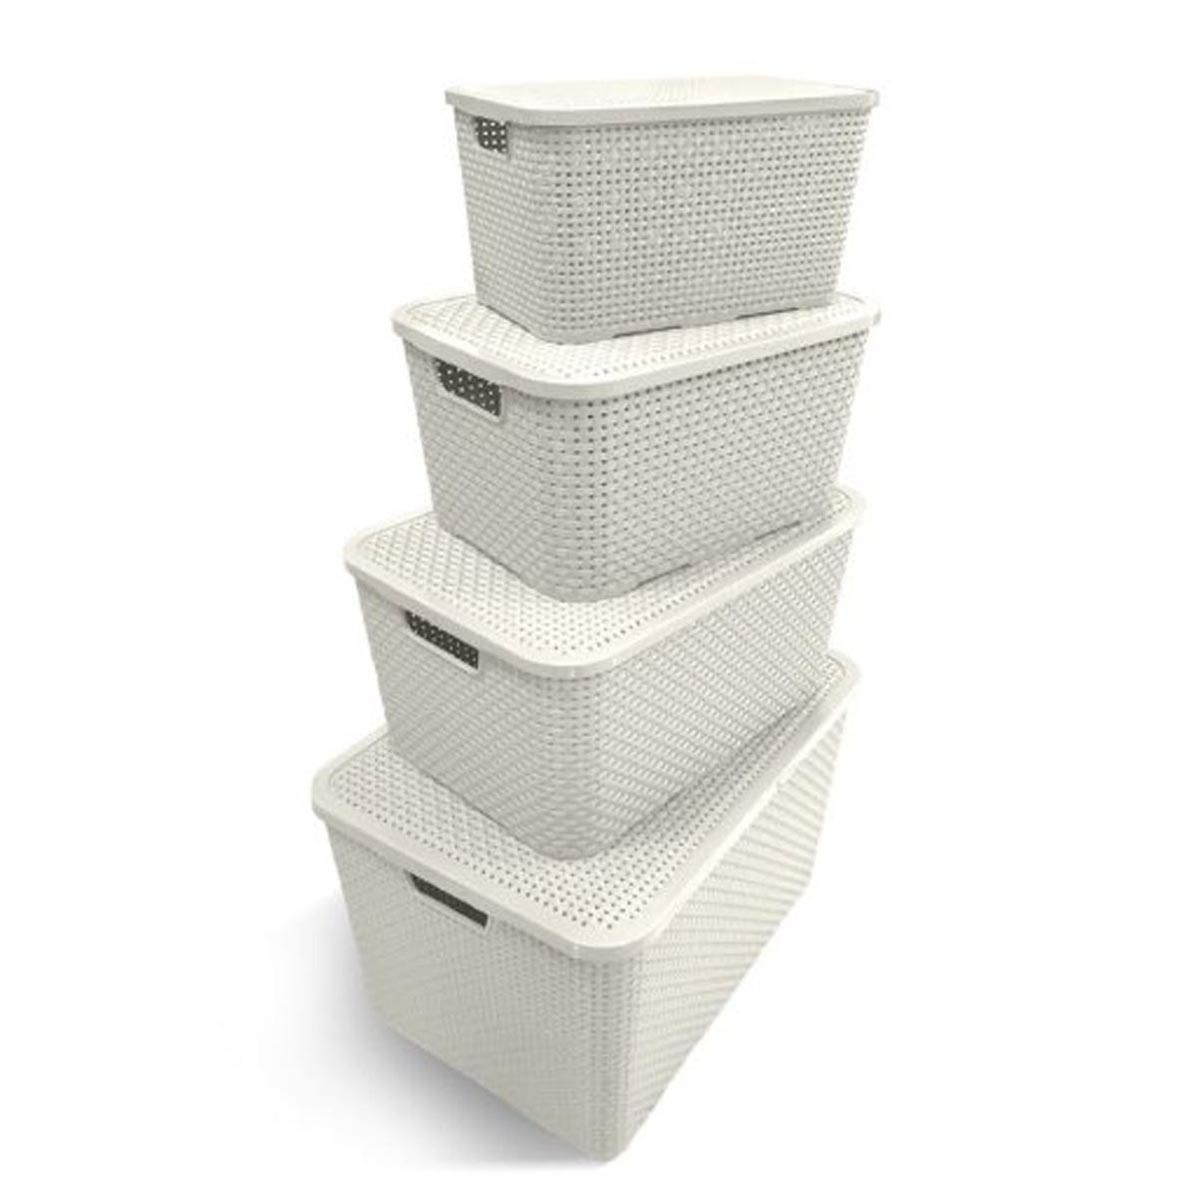 KIT 3 Caixa Organizadora Plástica Branca Cesto Rattan 7 Litros